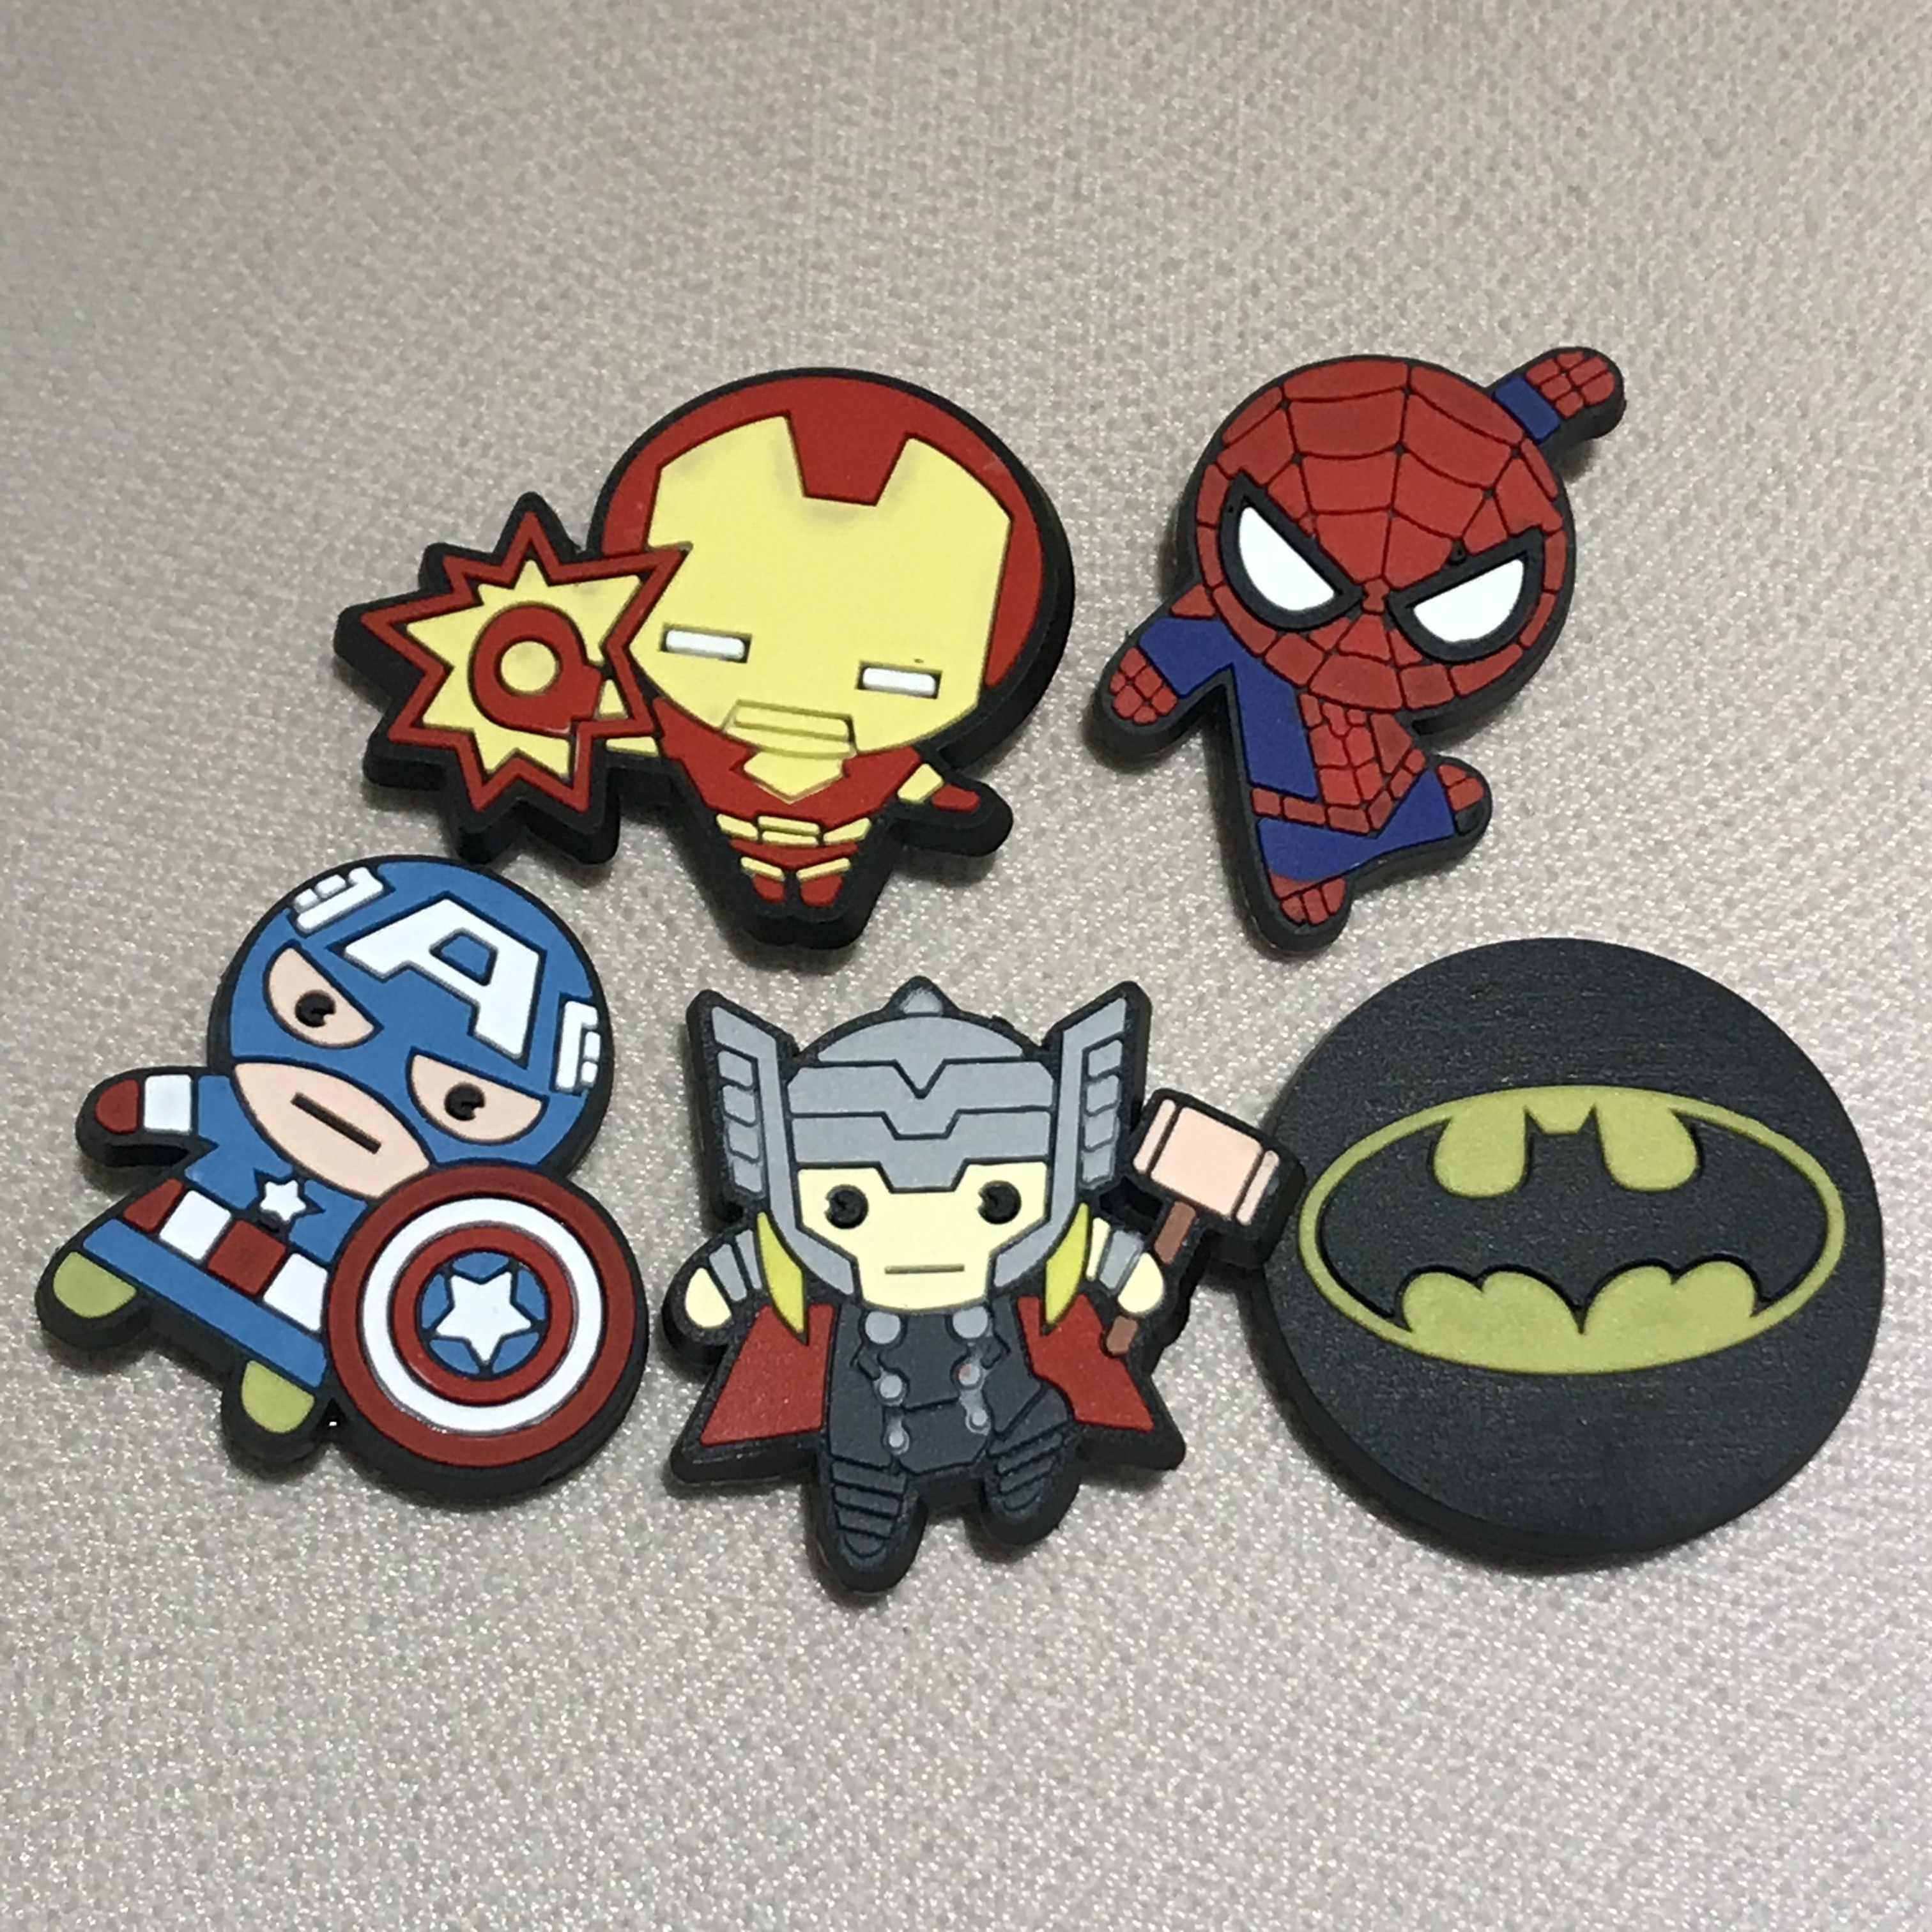 5 Cái/bộ Marvel Avengers Người Nhện Nhựa PVC Giày Quyến Rũ Người Sắt Phụ Kiện Giày Giày Trang Trí Cho Trẻ Em Croc Quyến Rũ Jibz quà Tặng